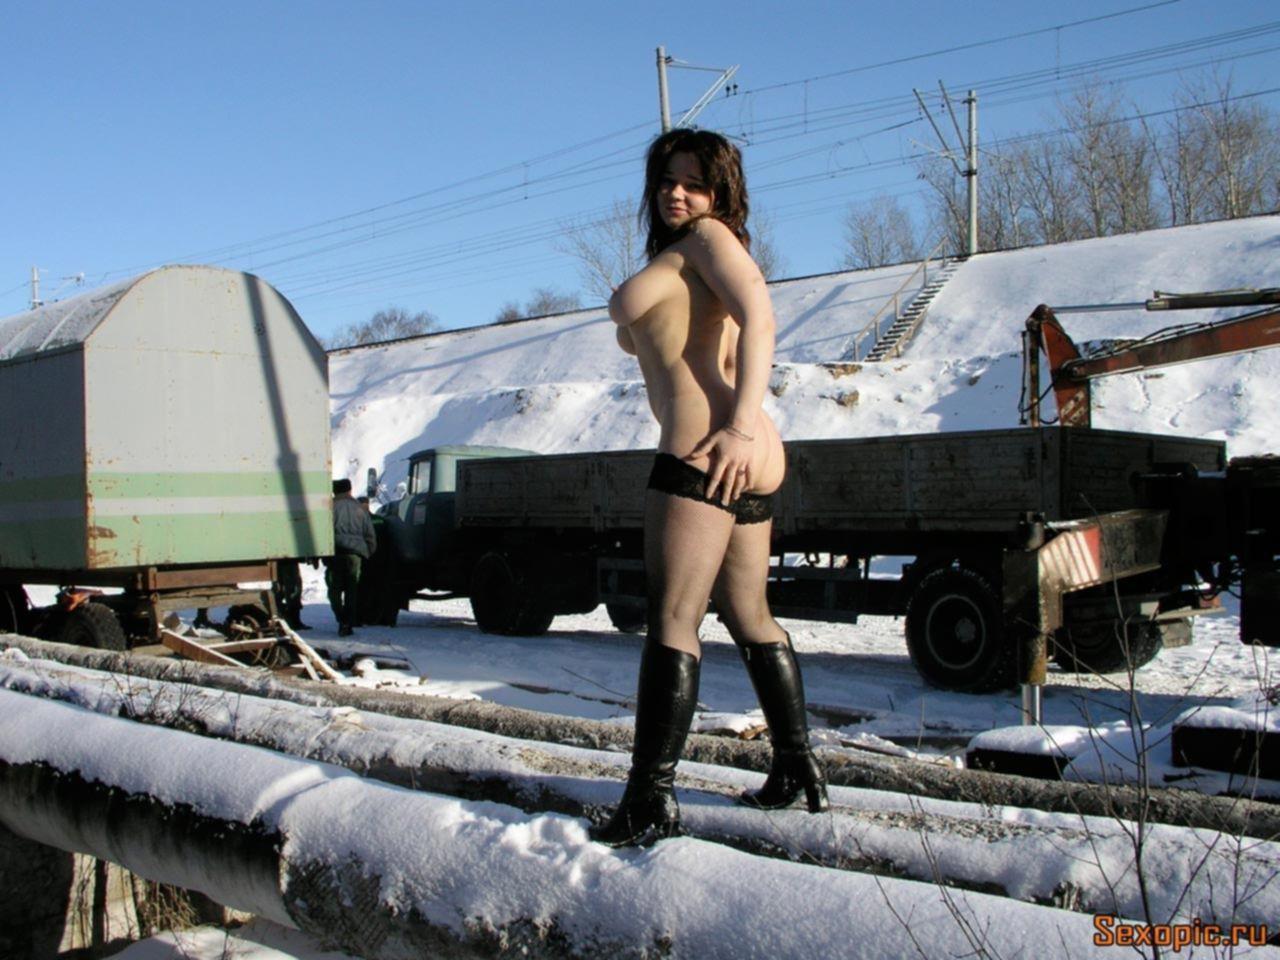 Голая нудистка с большой грудью гуляет по улице зимой